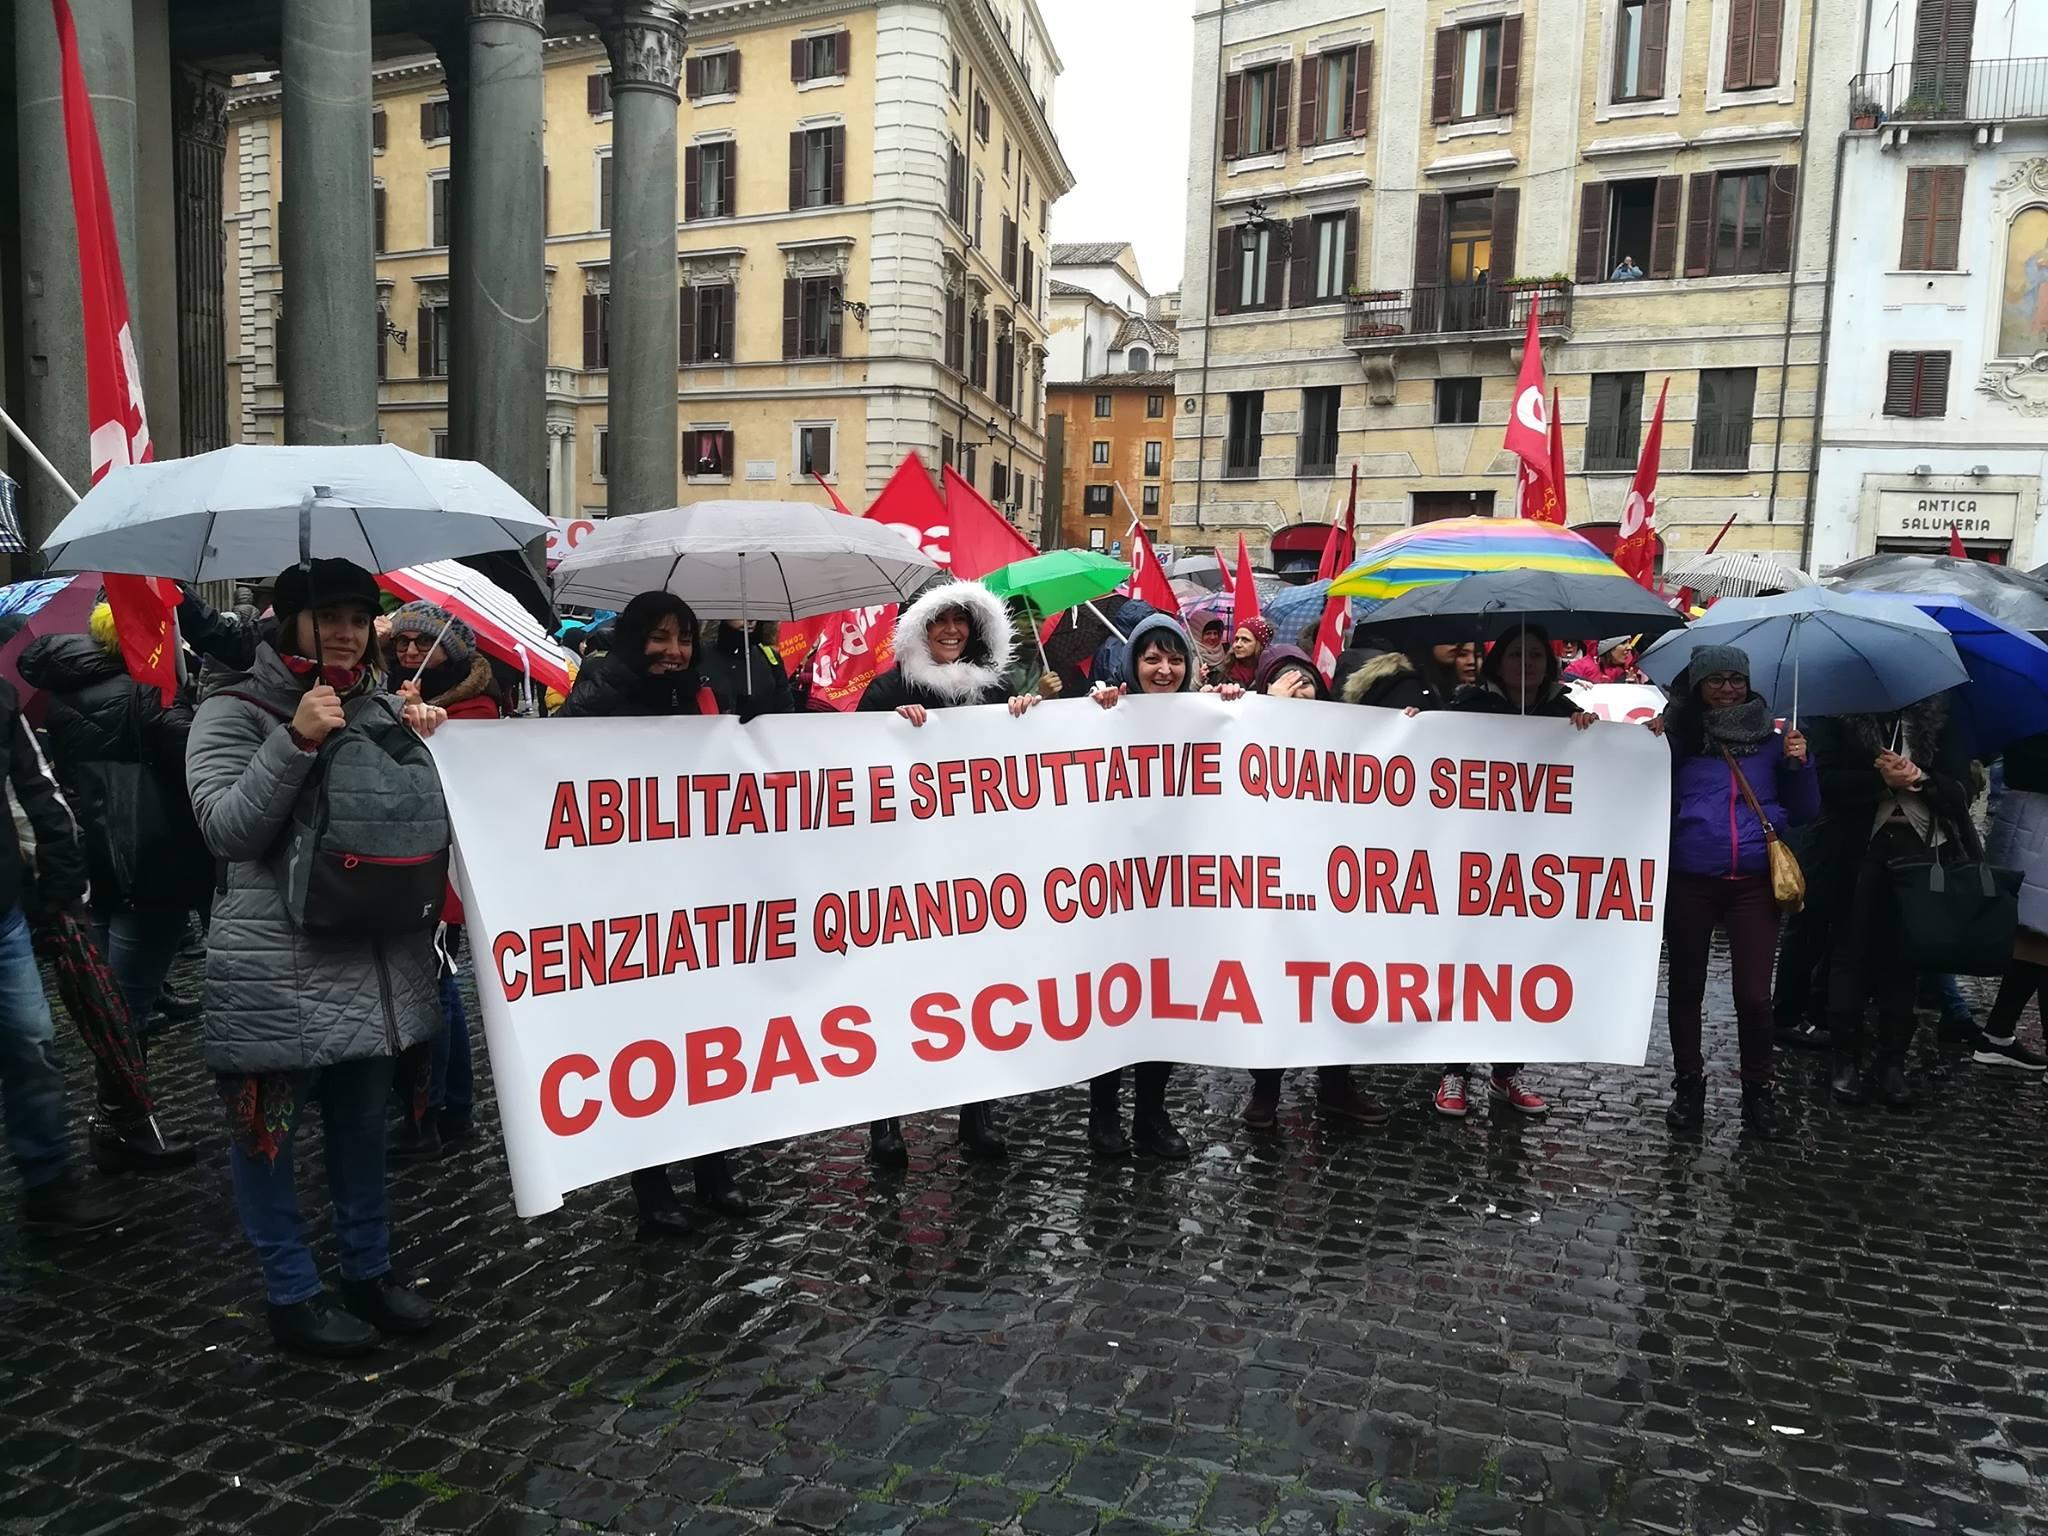 Ufficio A Ore Torino : Cobas scuola torino